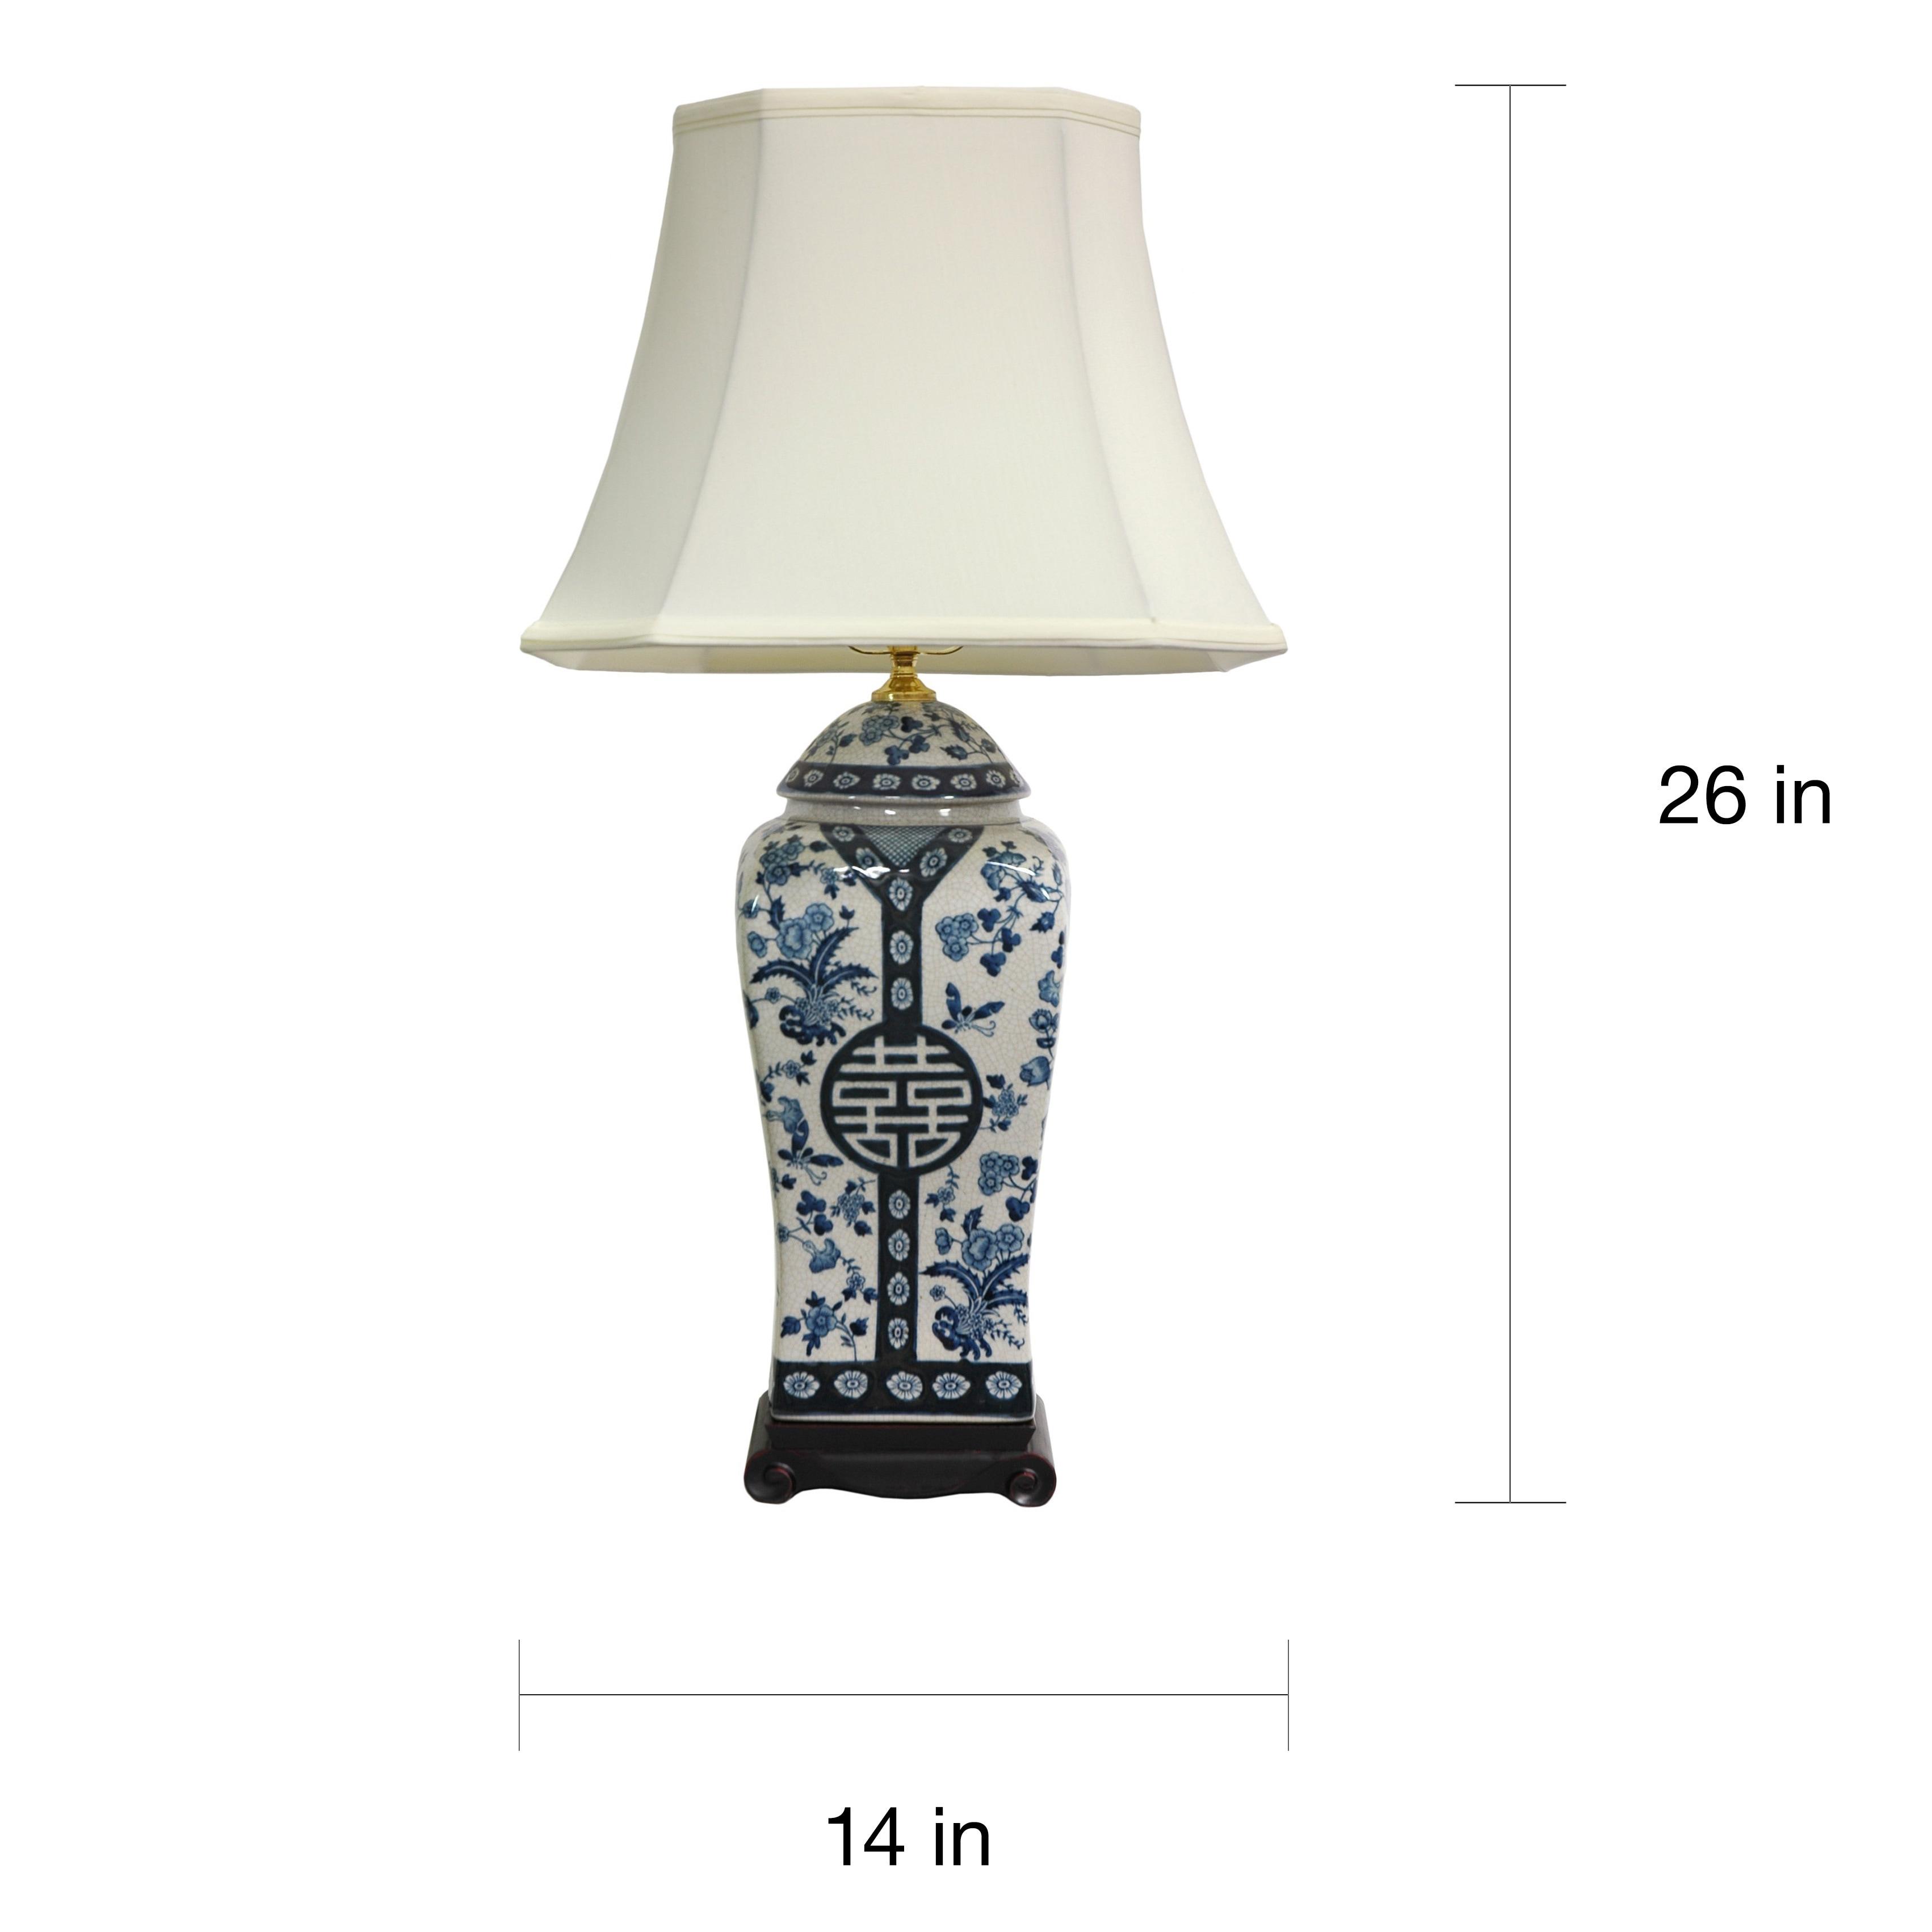 Handmade 26 inch blue and white vase lamp china free shipping handmade 26 inch blue and white vase lamp china free shipping today overstock 11285415 reviewsmspy